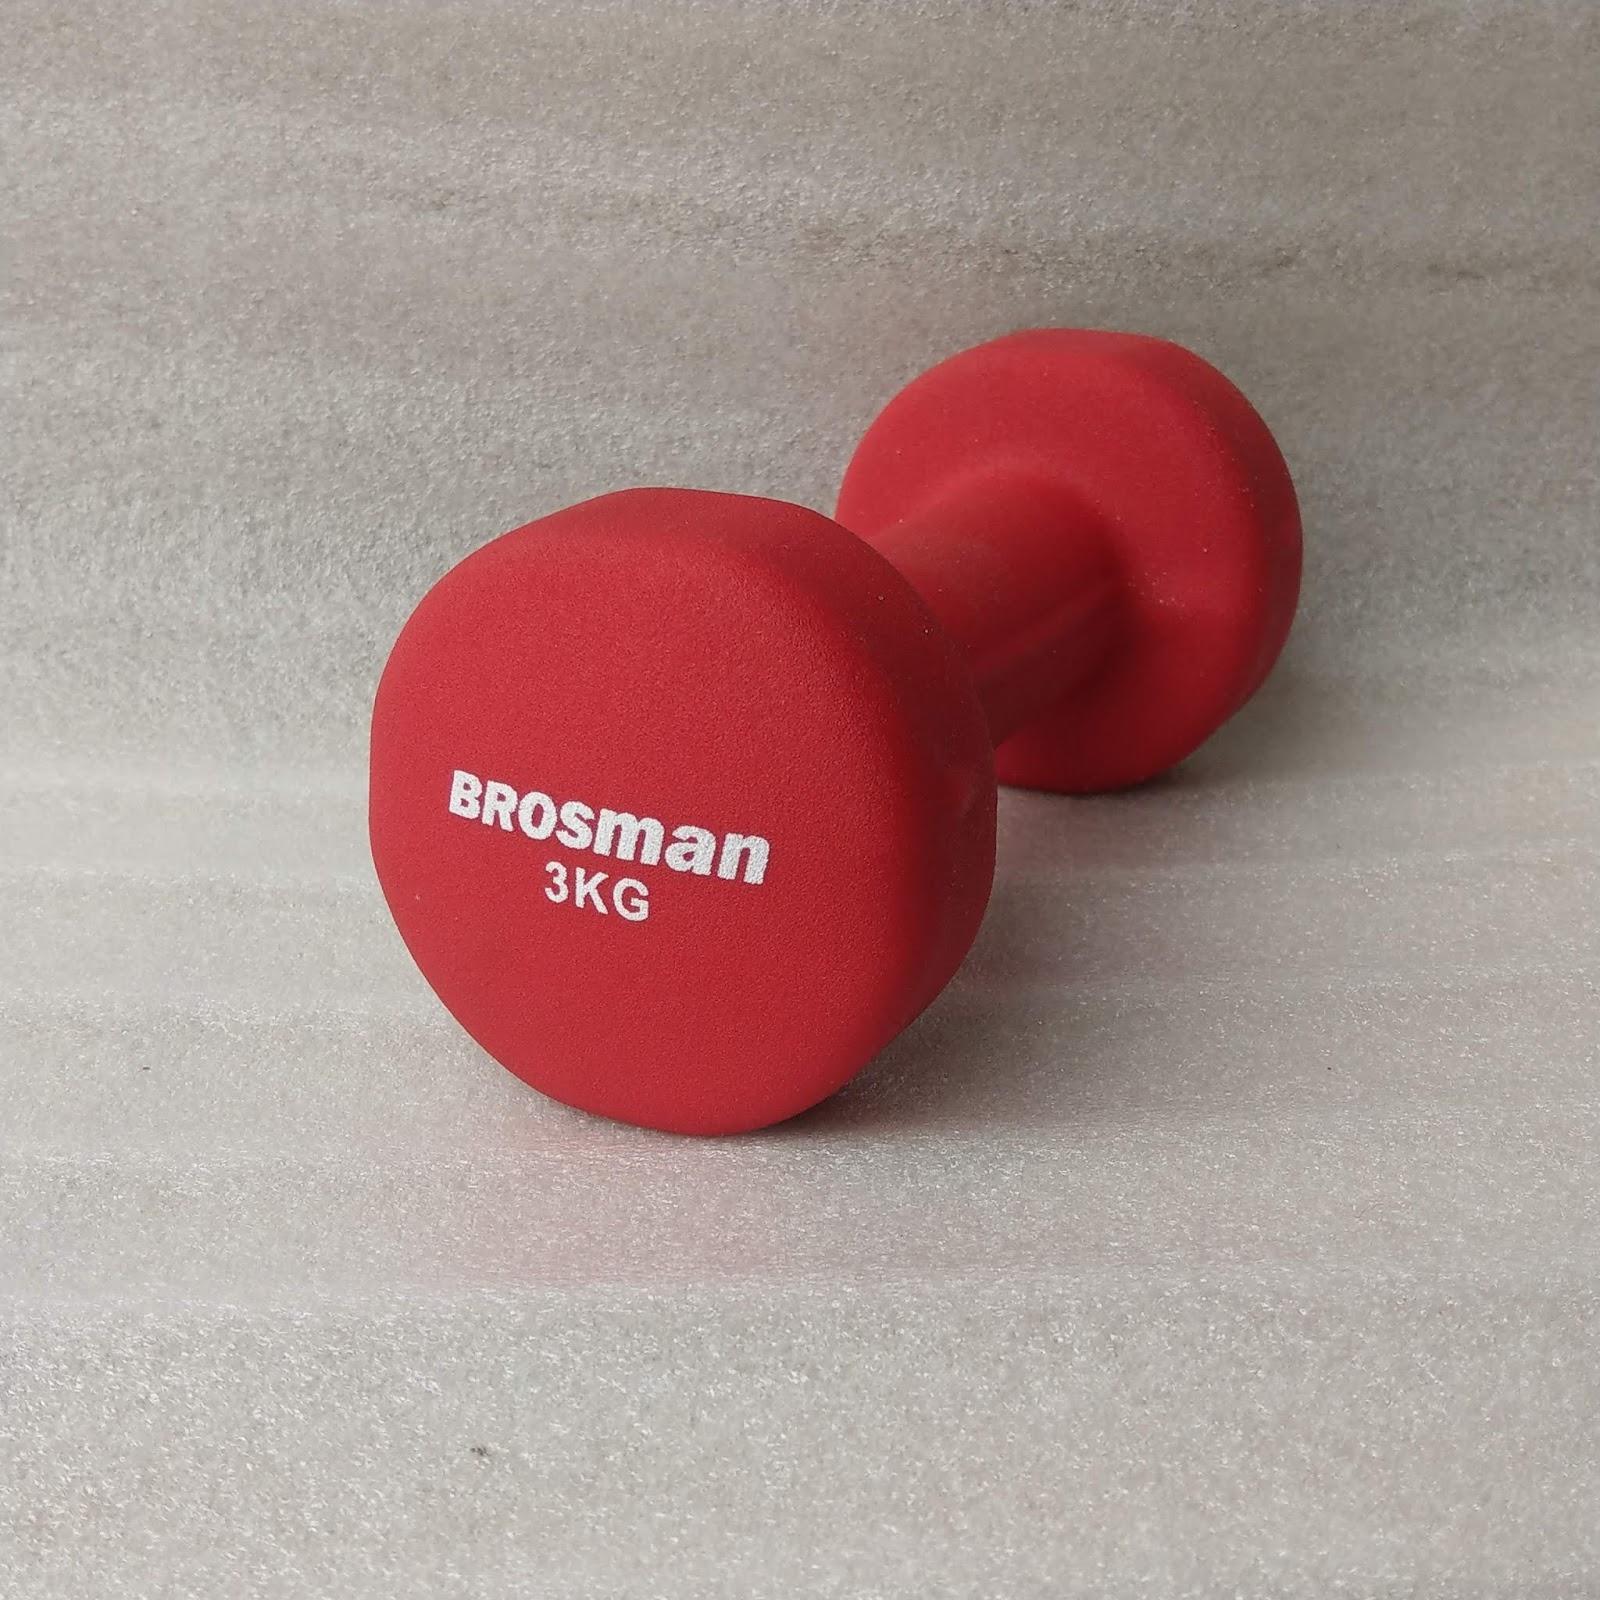 Tạ Tay Brosman 3 Kg (Đỏ) Đang Khuyến Mại Khủng